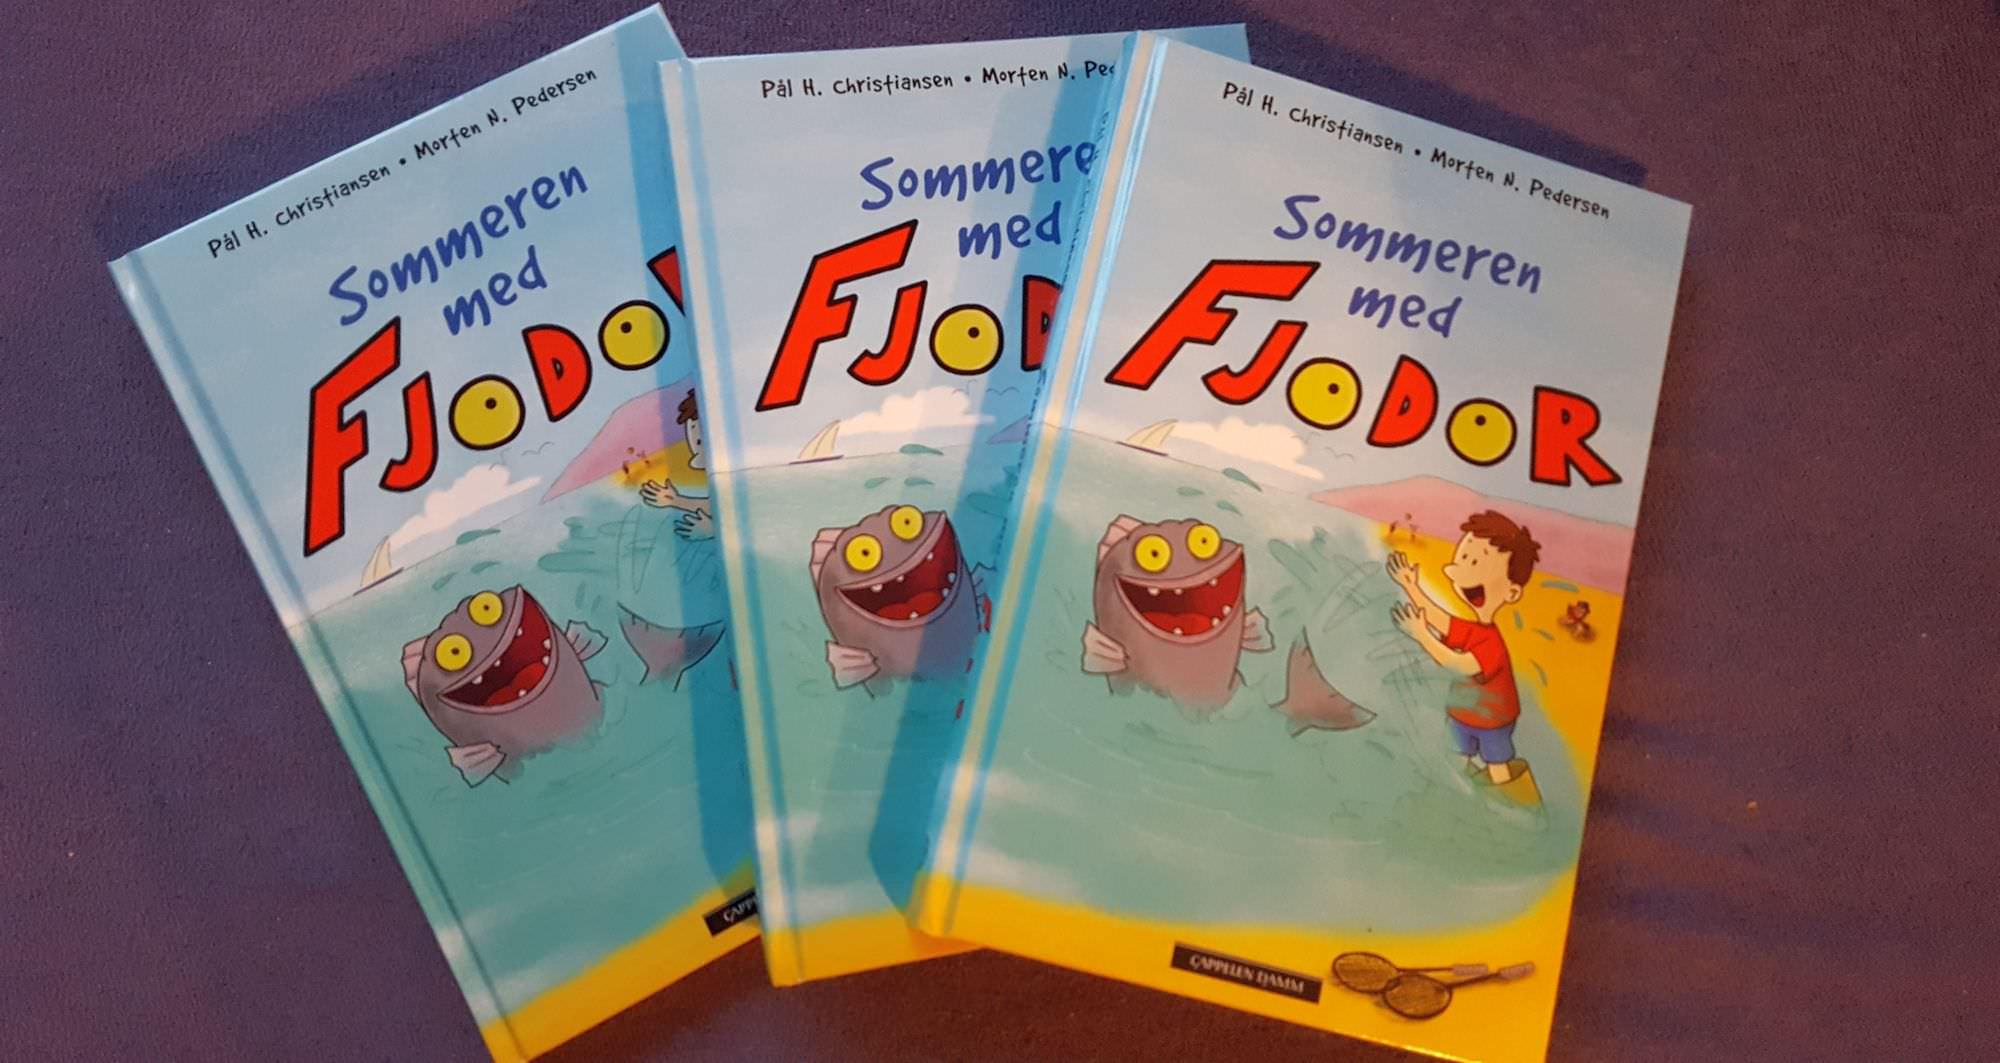 Utdrag fra Sommeren med Fjodor